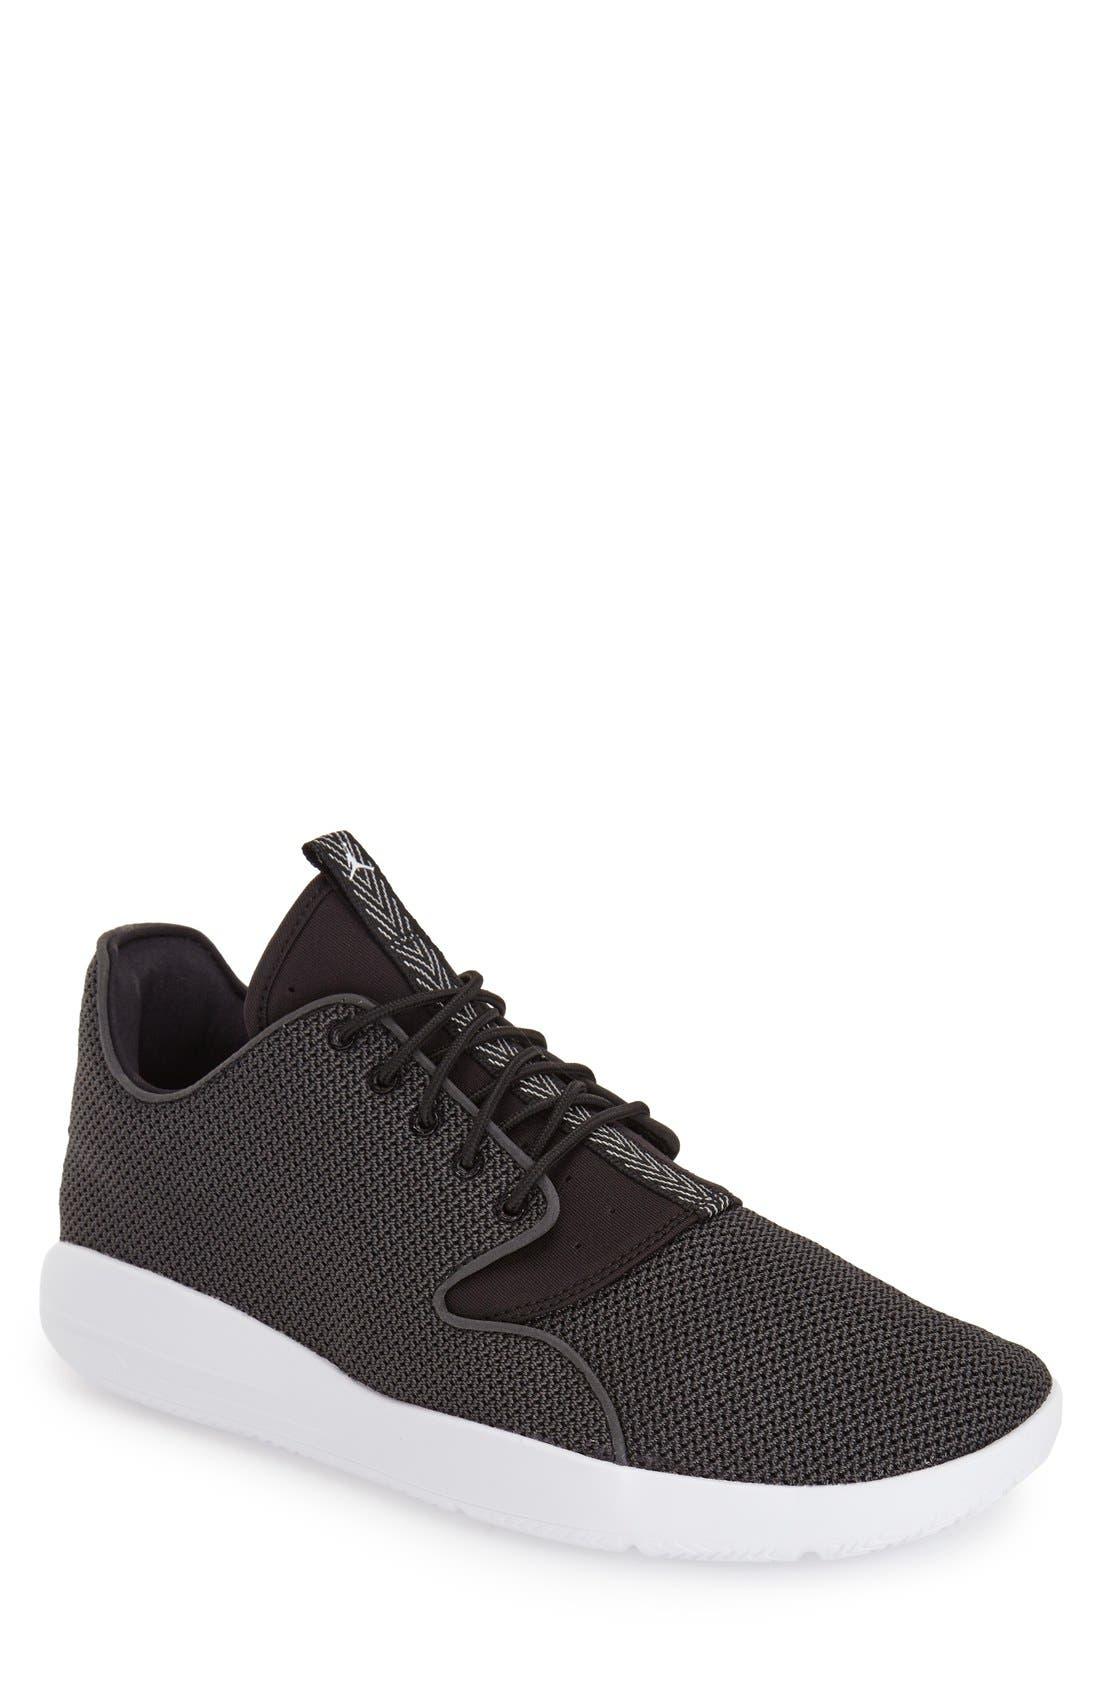 Alternate Image 1 Selected - Nike 'Jordan Eclipse' Sneaker (Men)